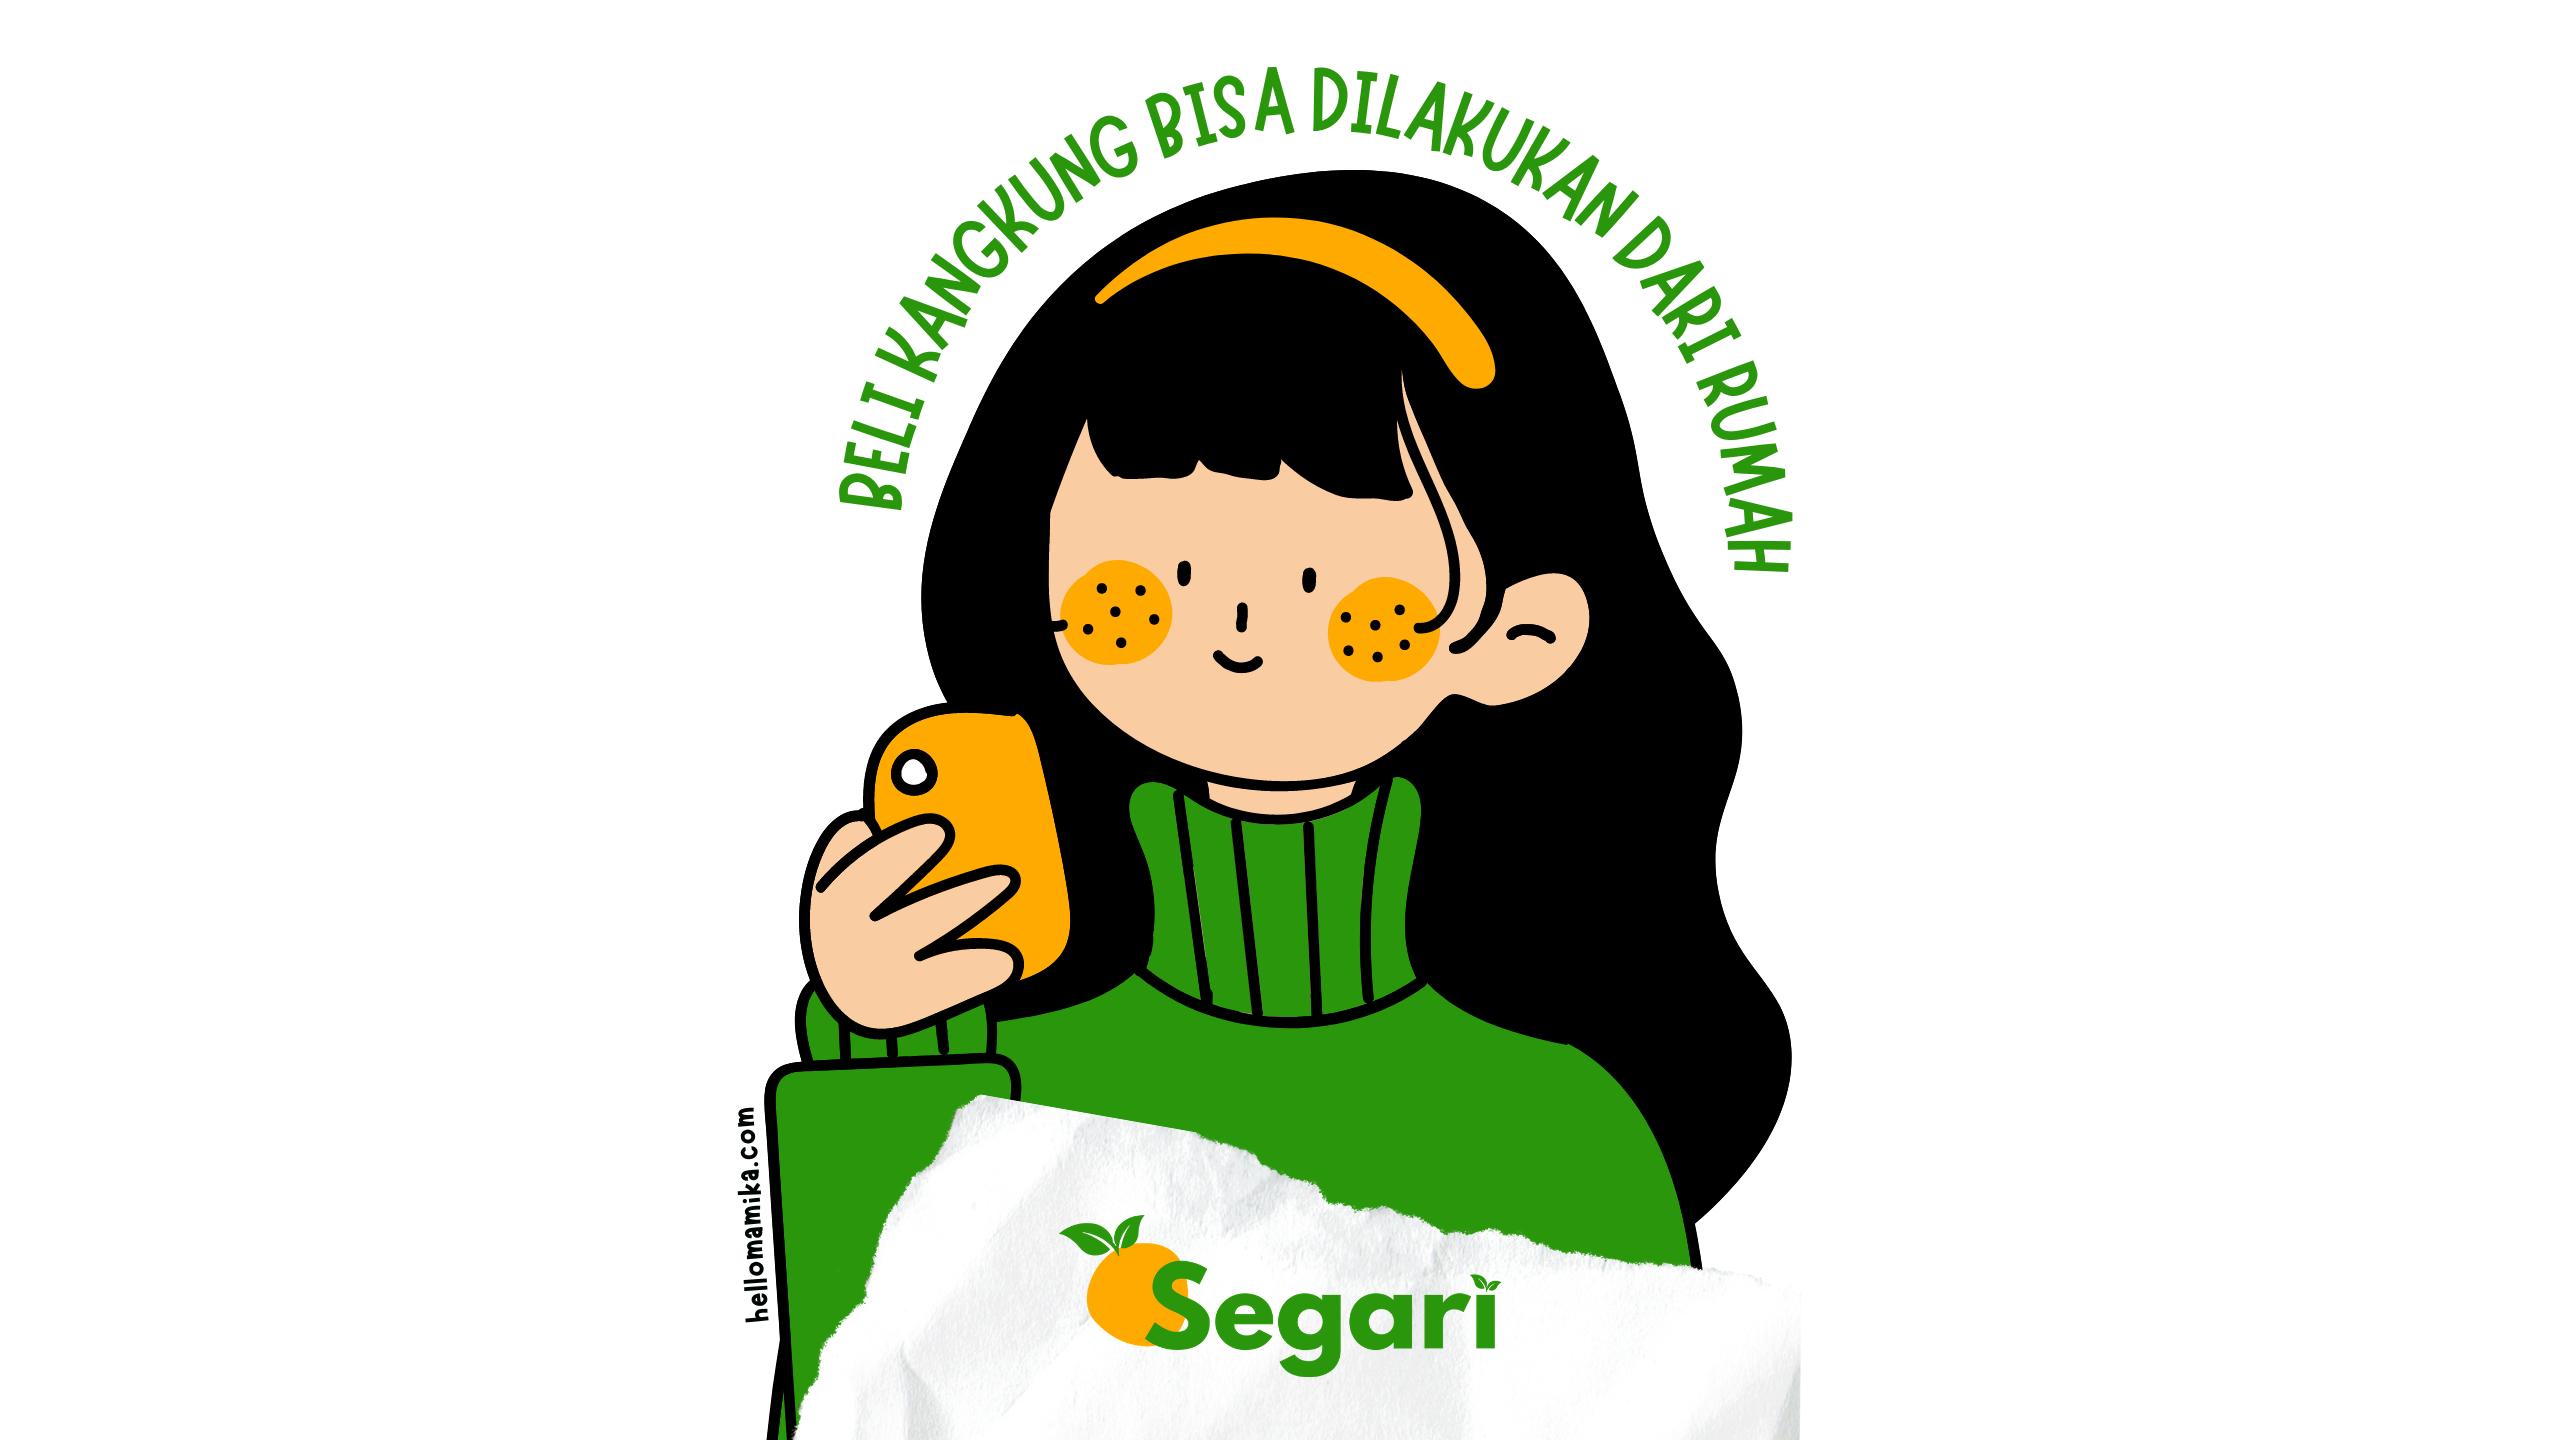 Review segari.id sayur online